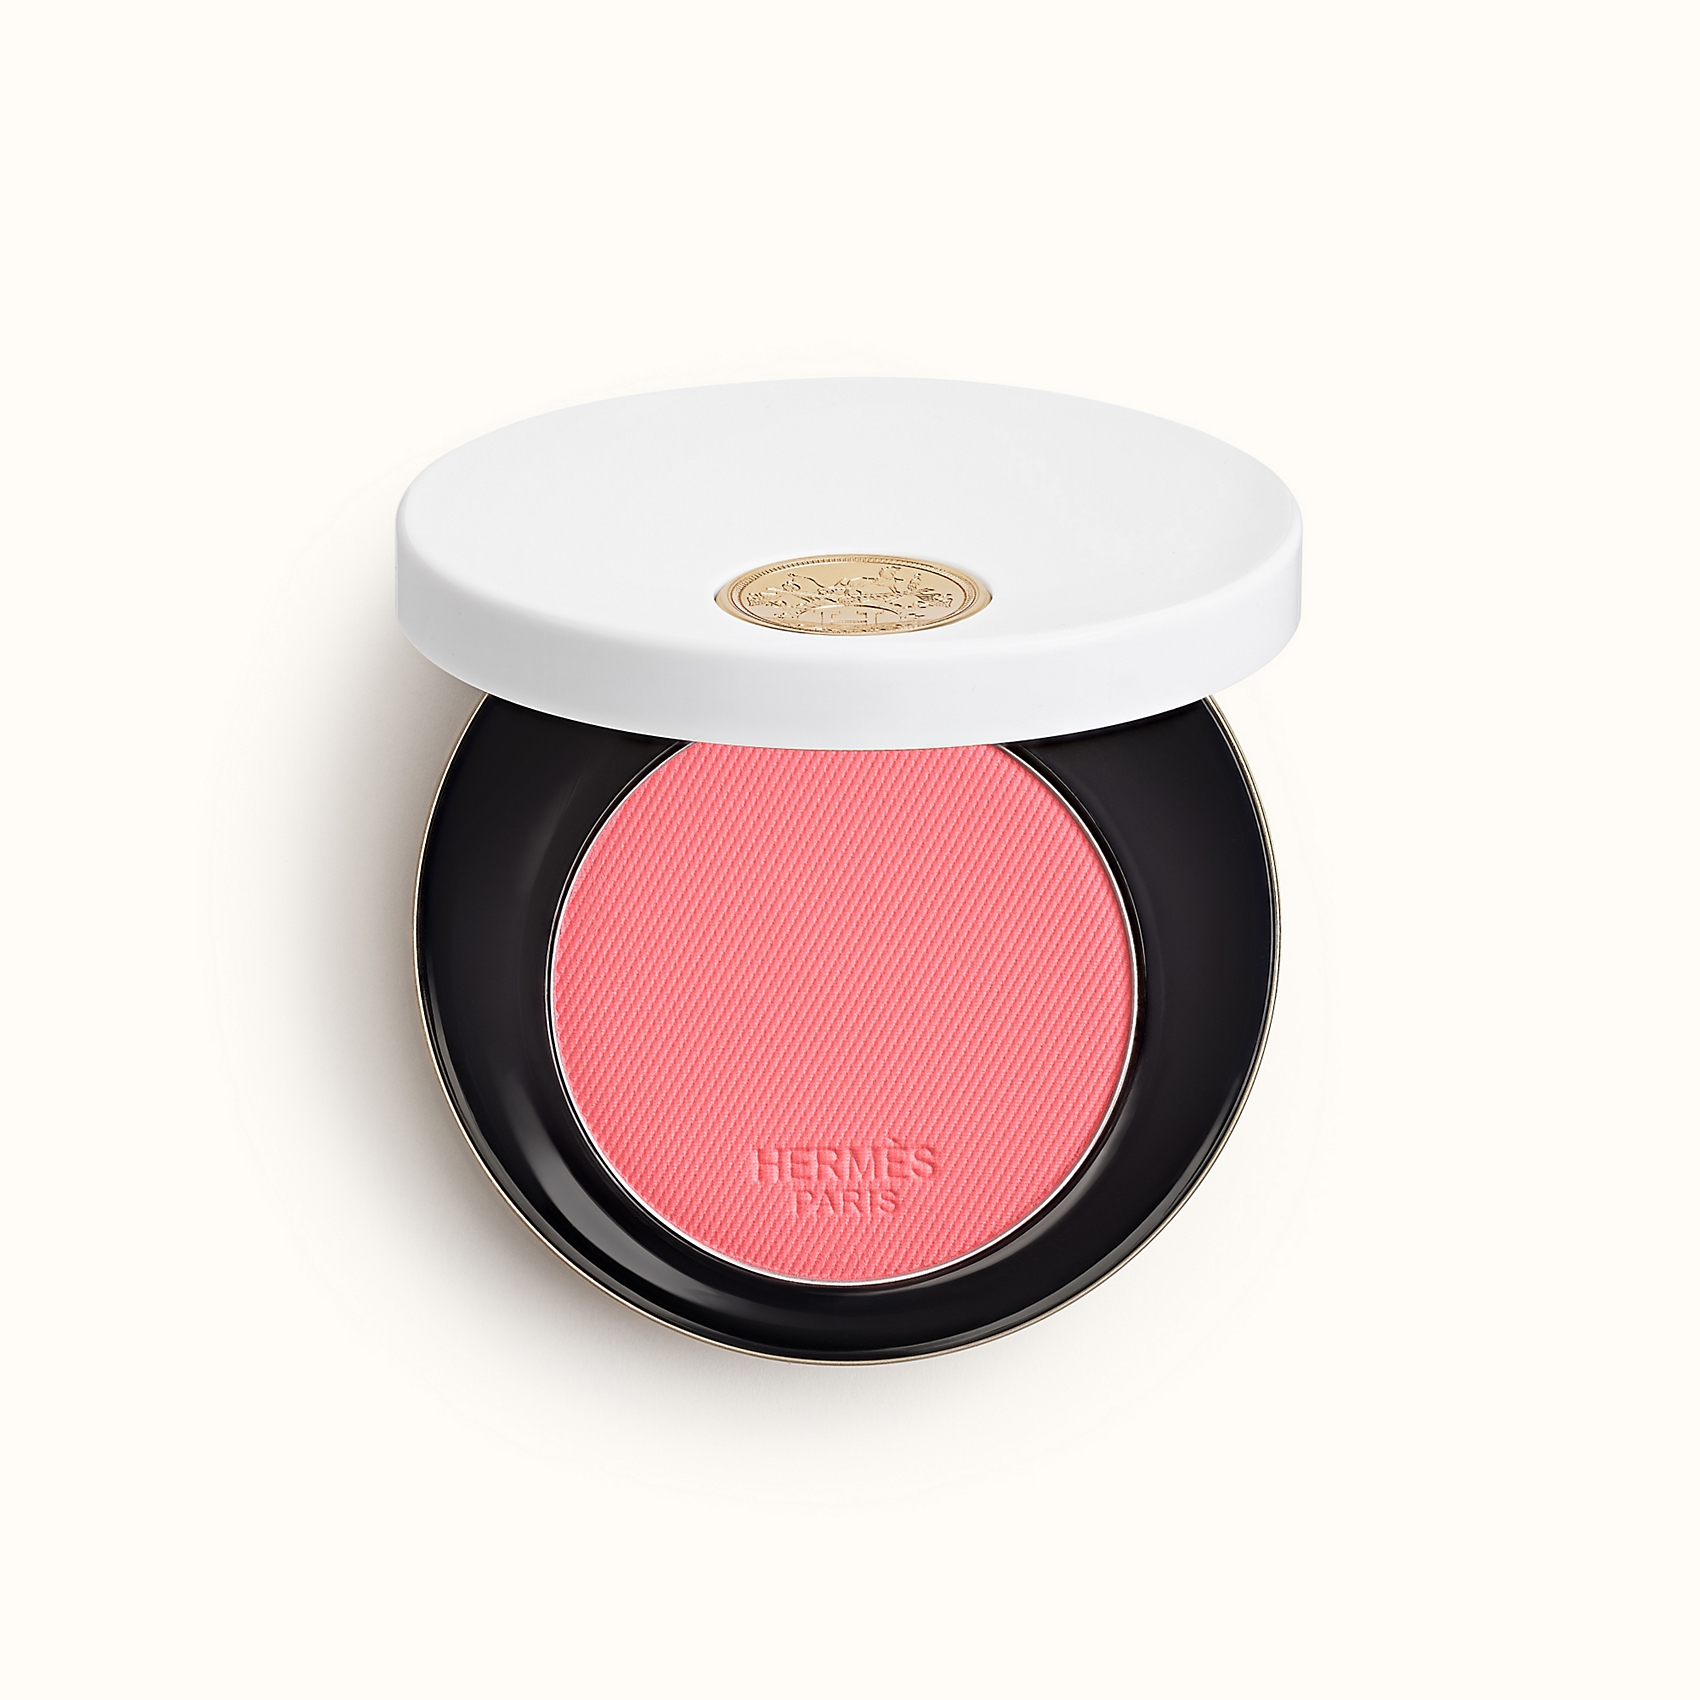 Rose Hermes, Silky blush powder, Rose Pommette. Photo via Hermes.com